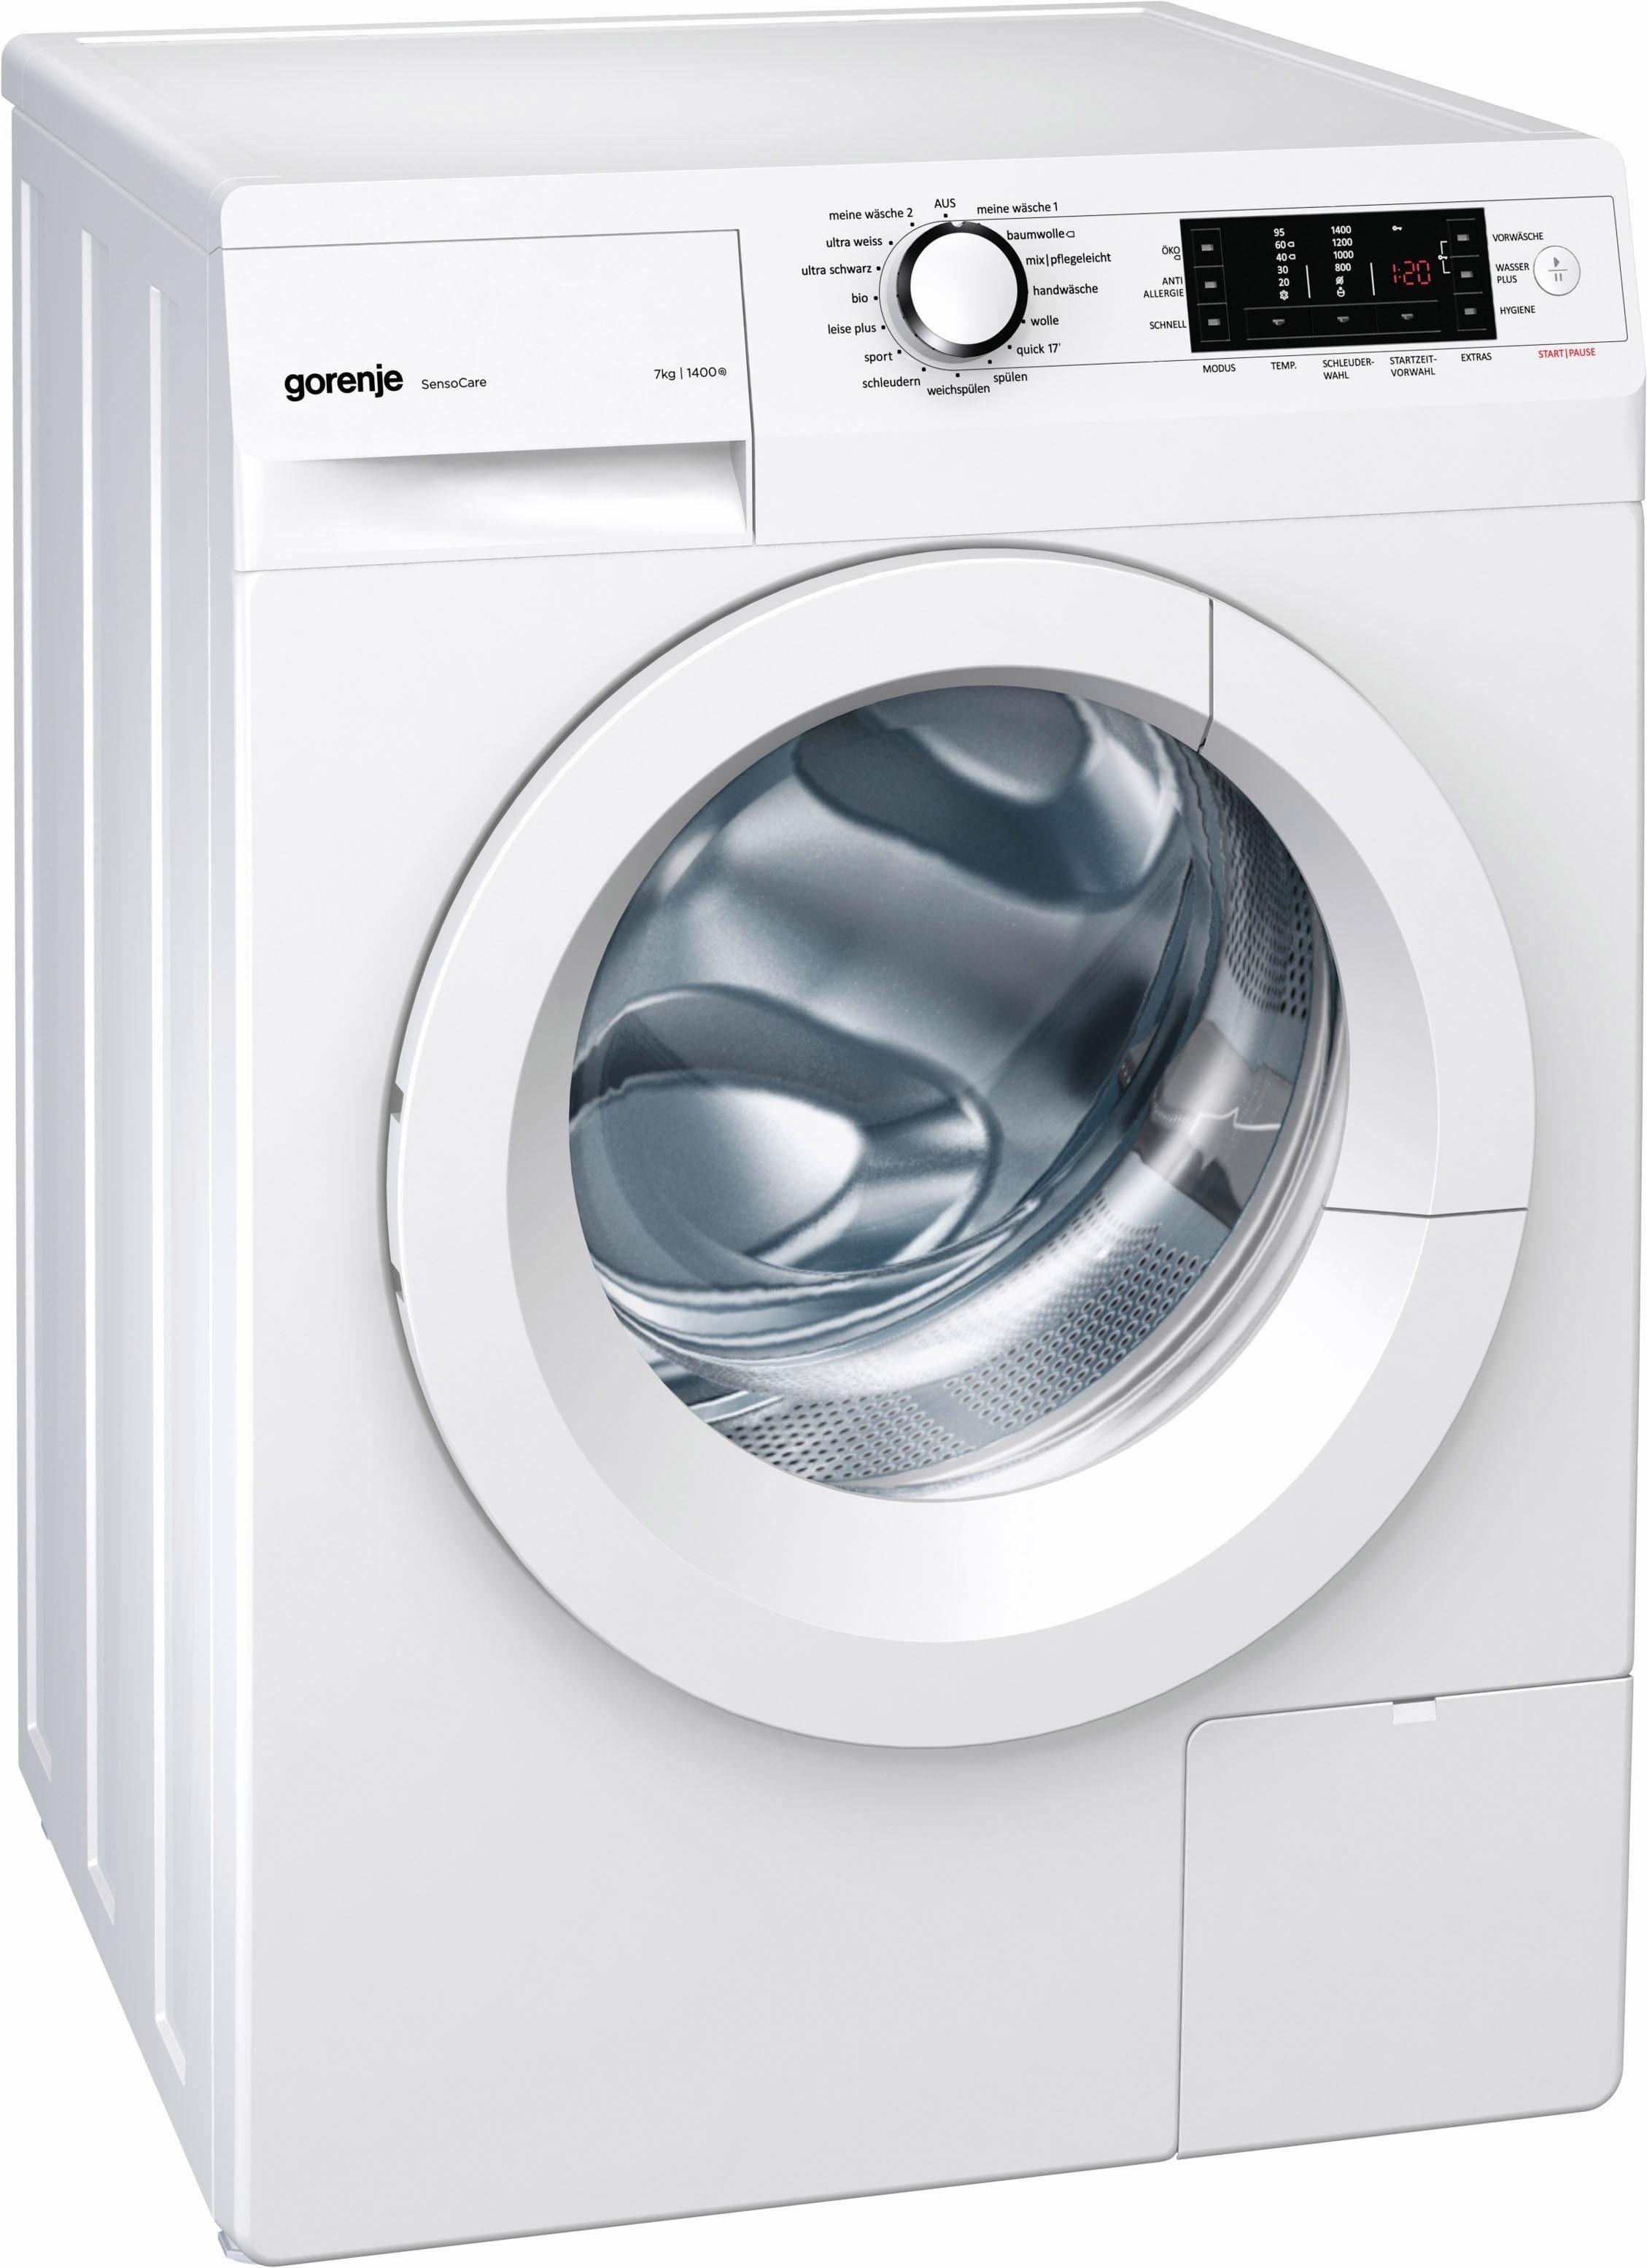 GORENJE Waschmaschine WAS749, 7 kg, 1400 U/Min